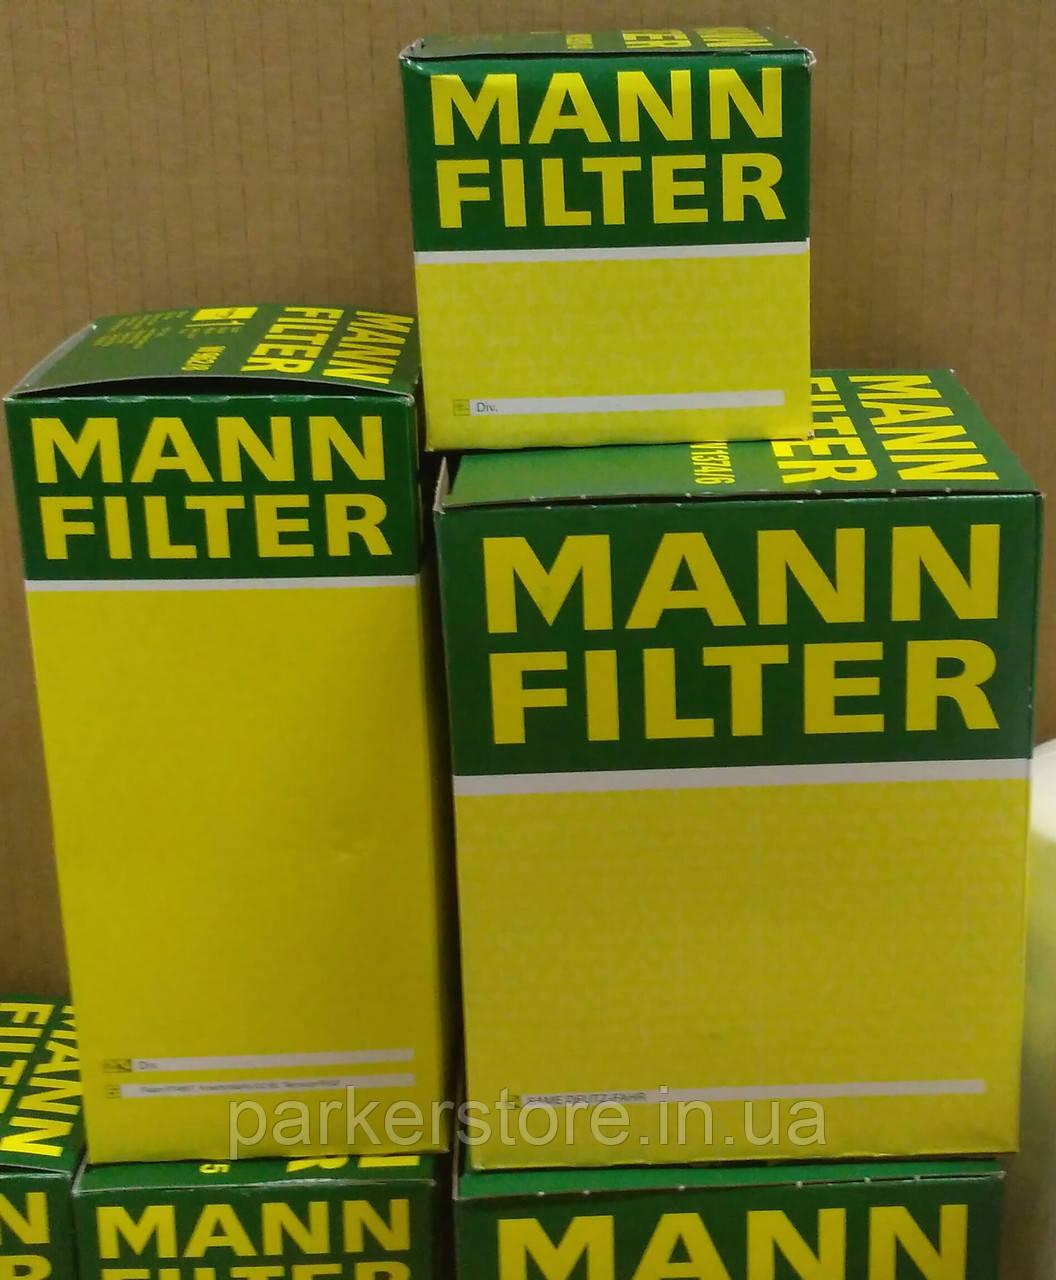 MANN FILTER / Повітряний фільтр / C 1530/1 / C1530/1